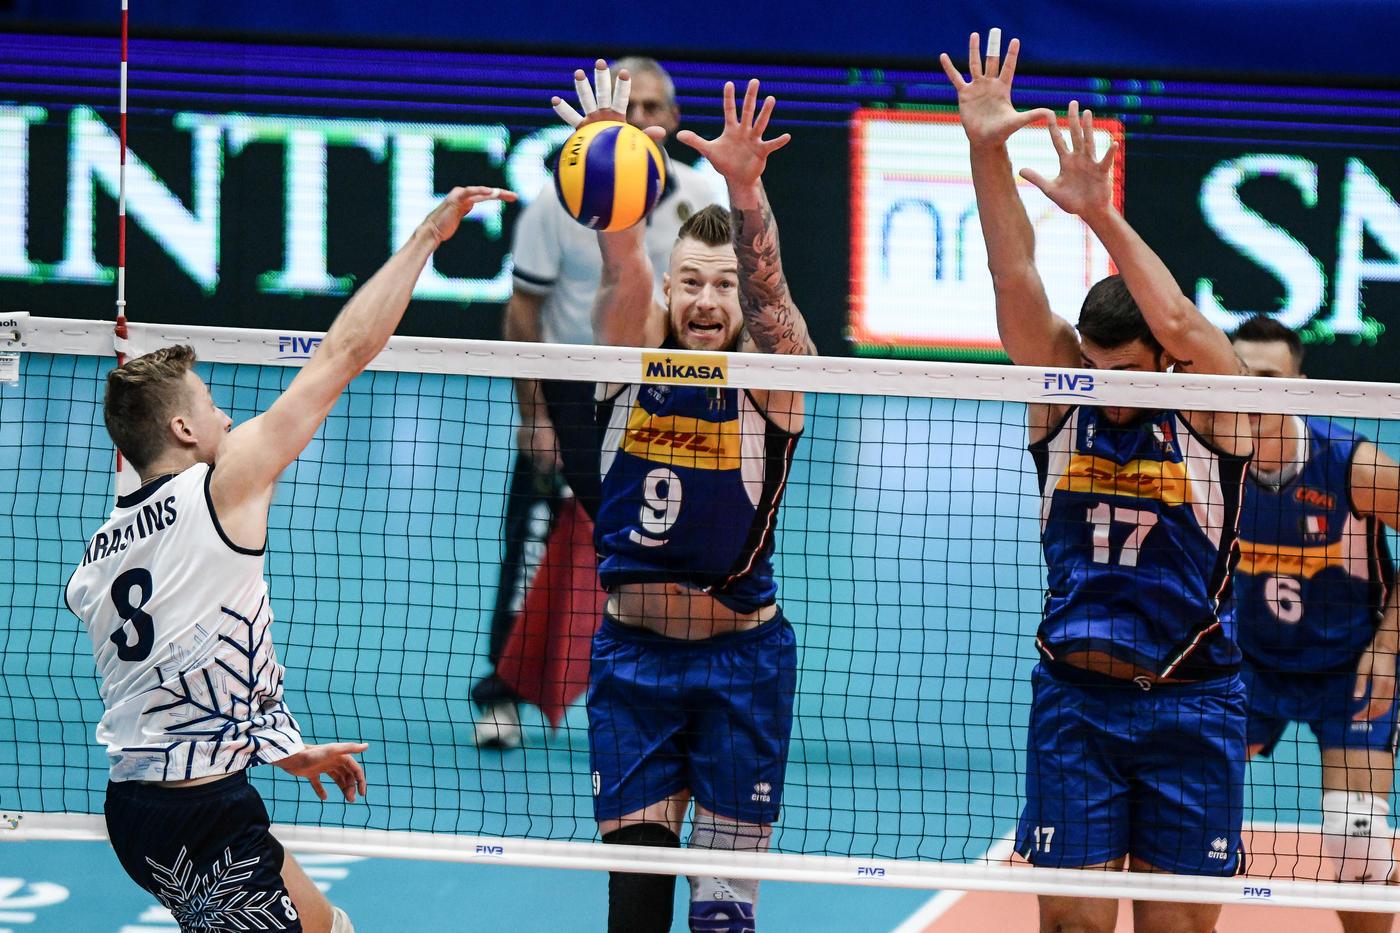 Mondiali volley, l'Italia non si ferma: battuta la Finlandia